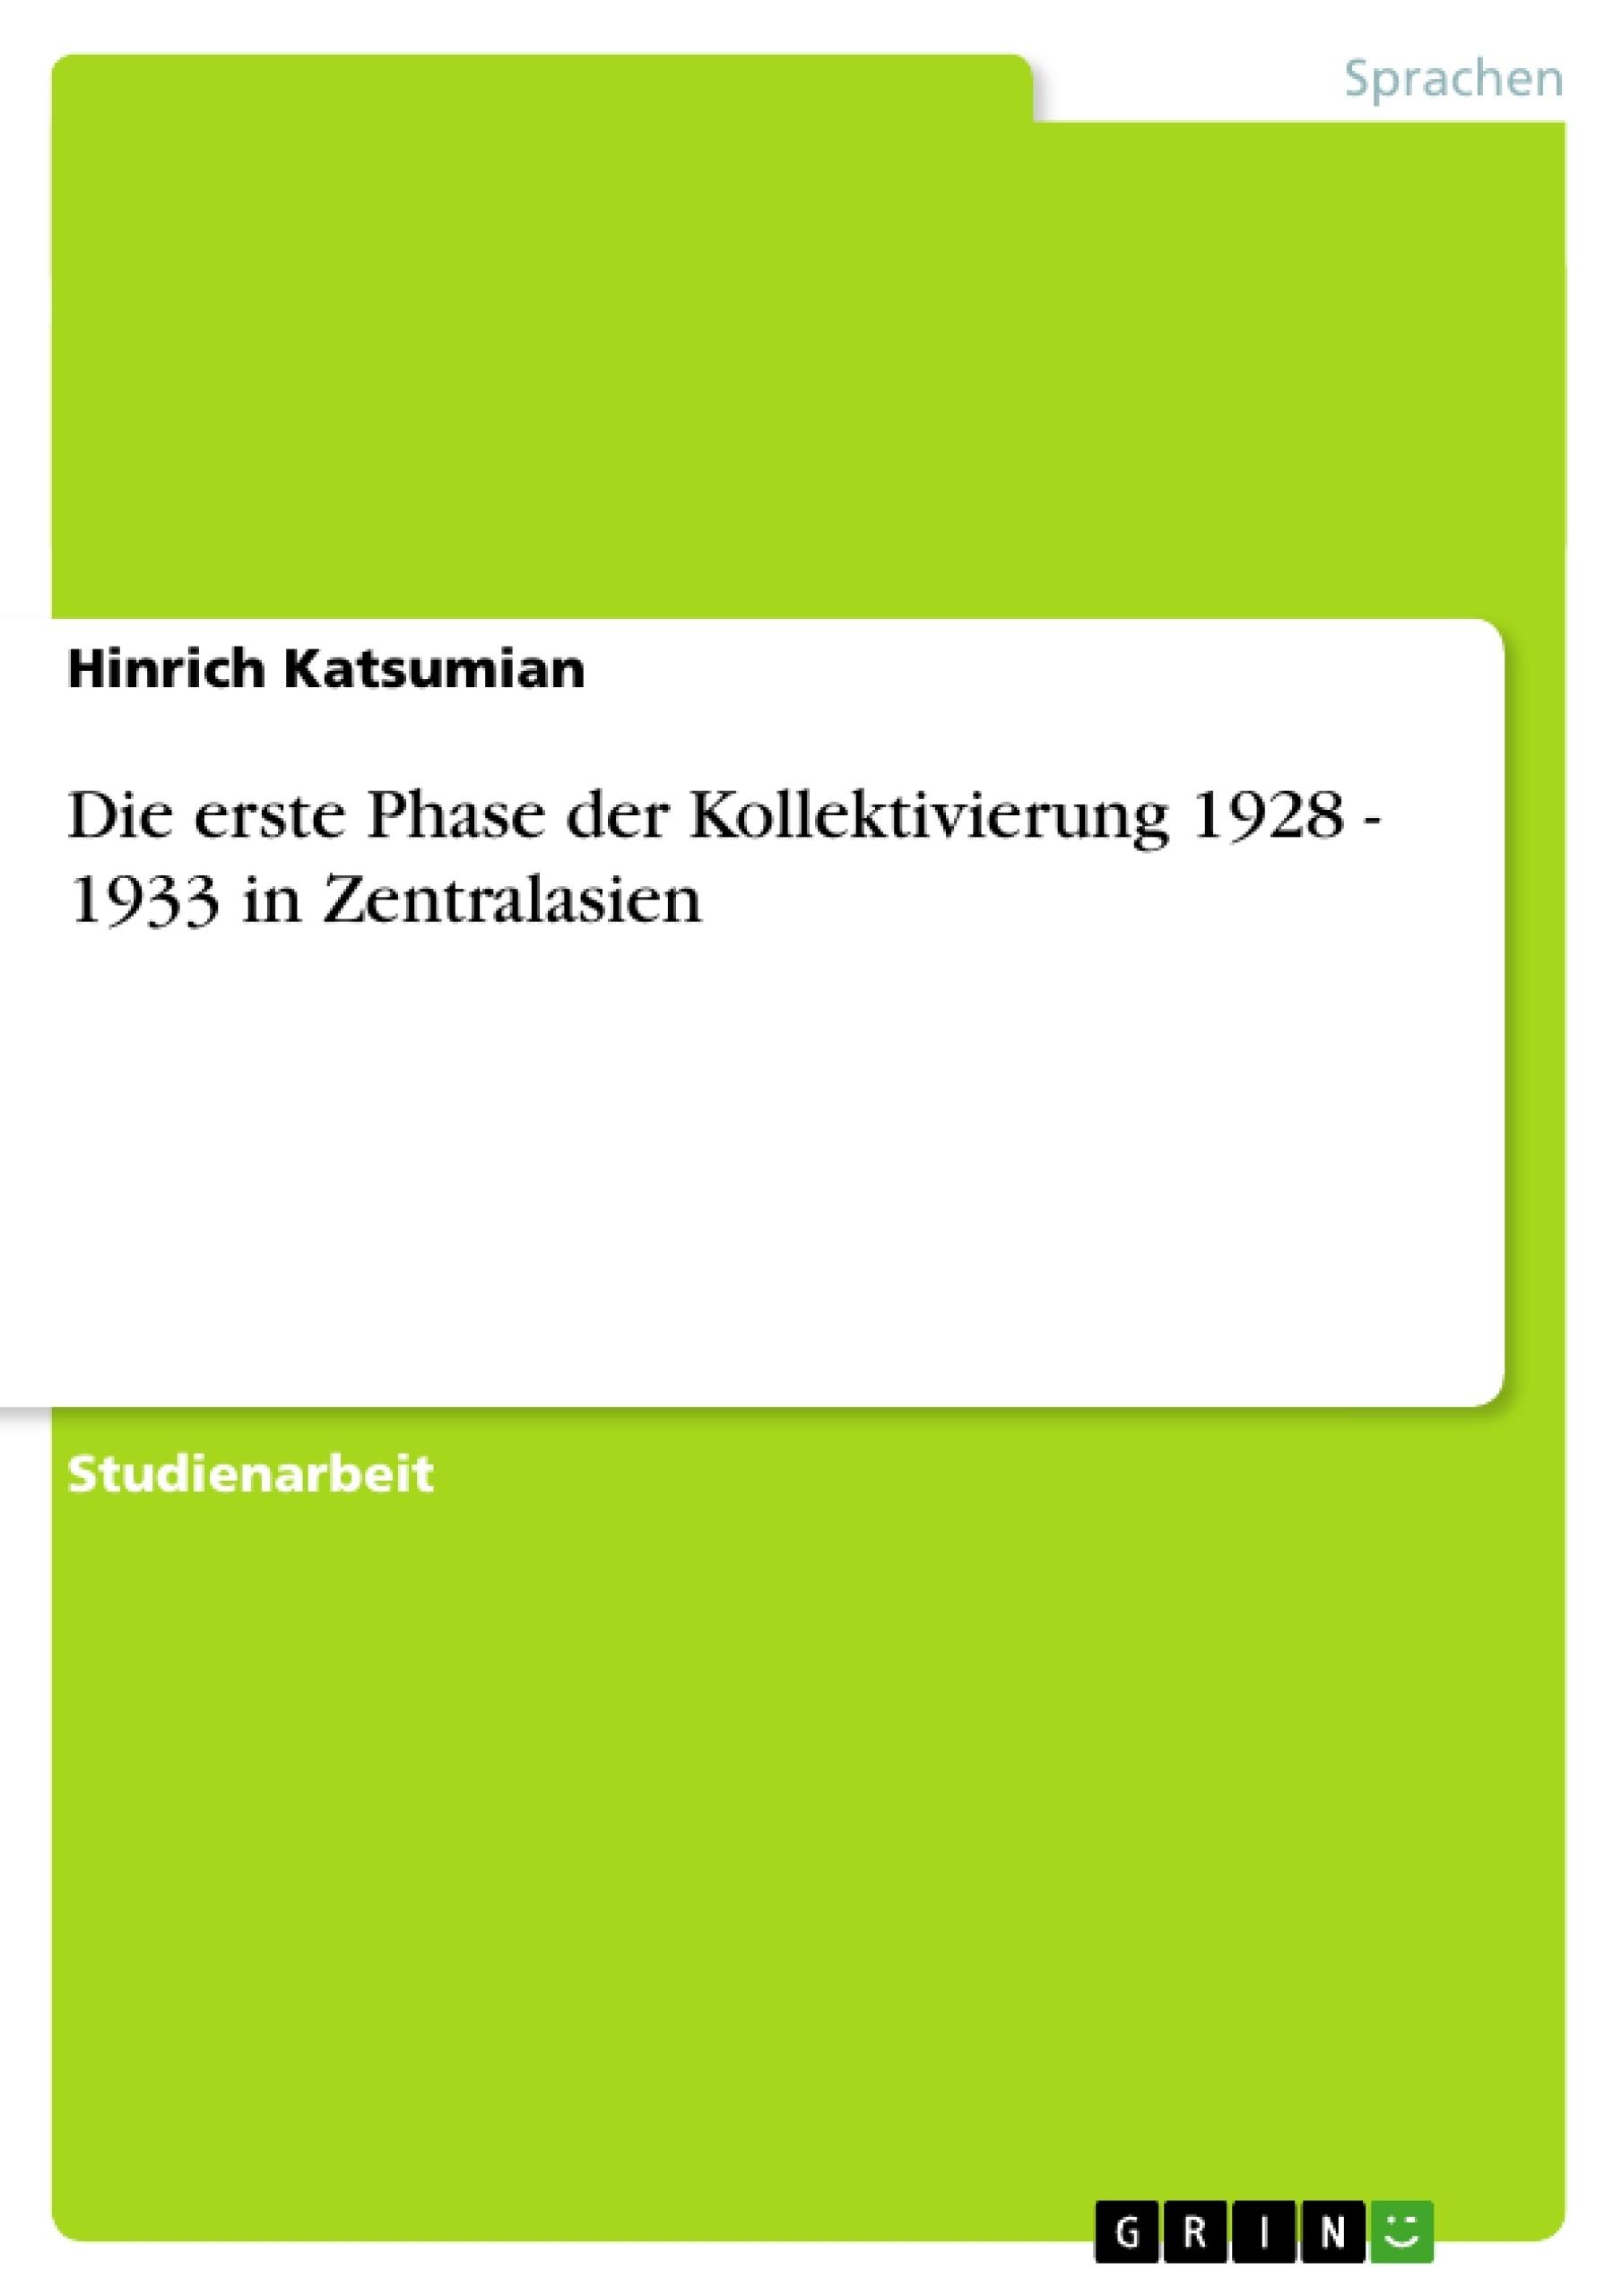 Titel: Die erste Phase der Kollektivierung 1928 - 1933 in Zentralasien